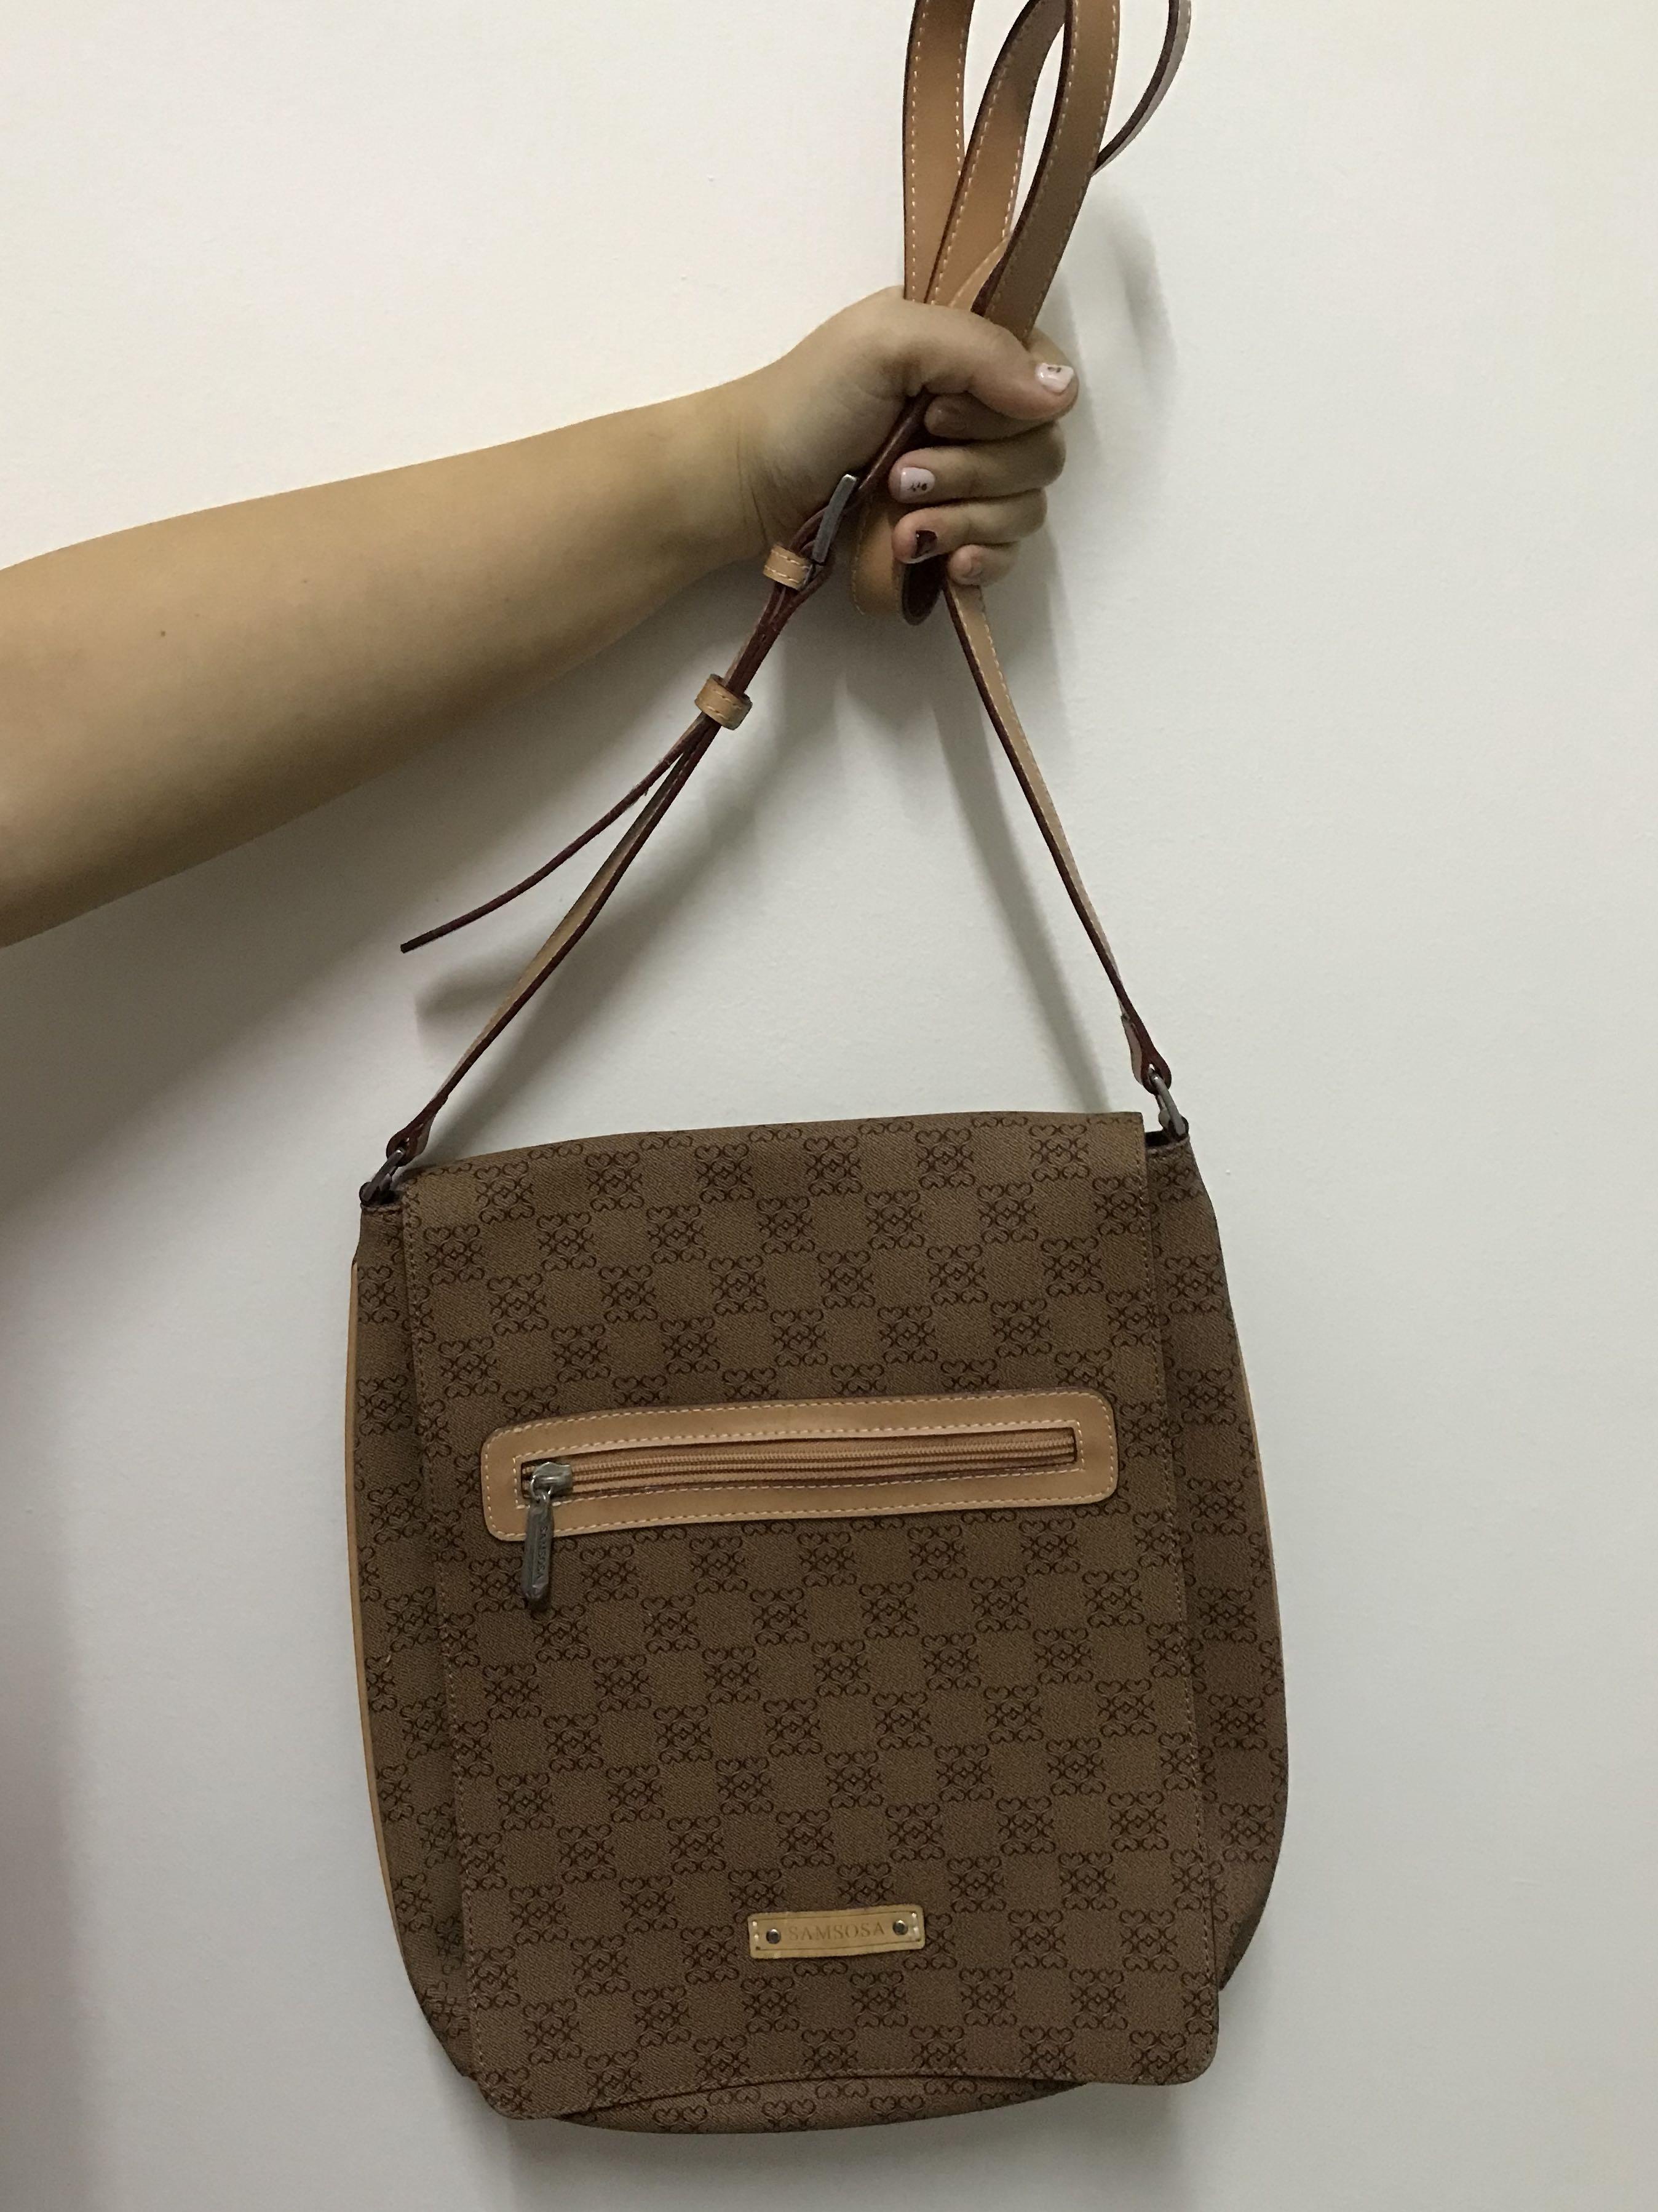 Samsosa sling bag